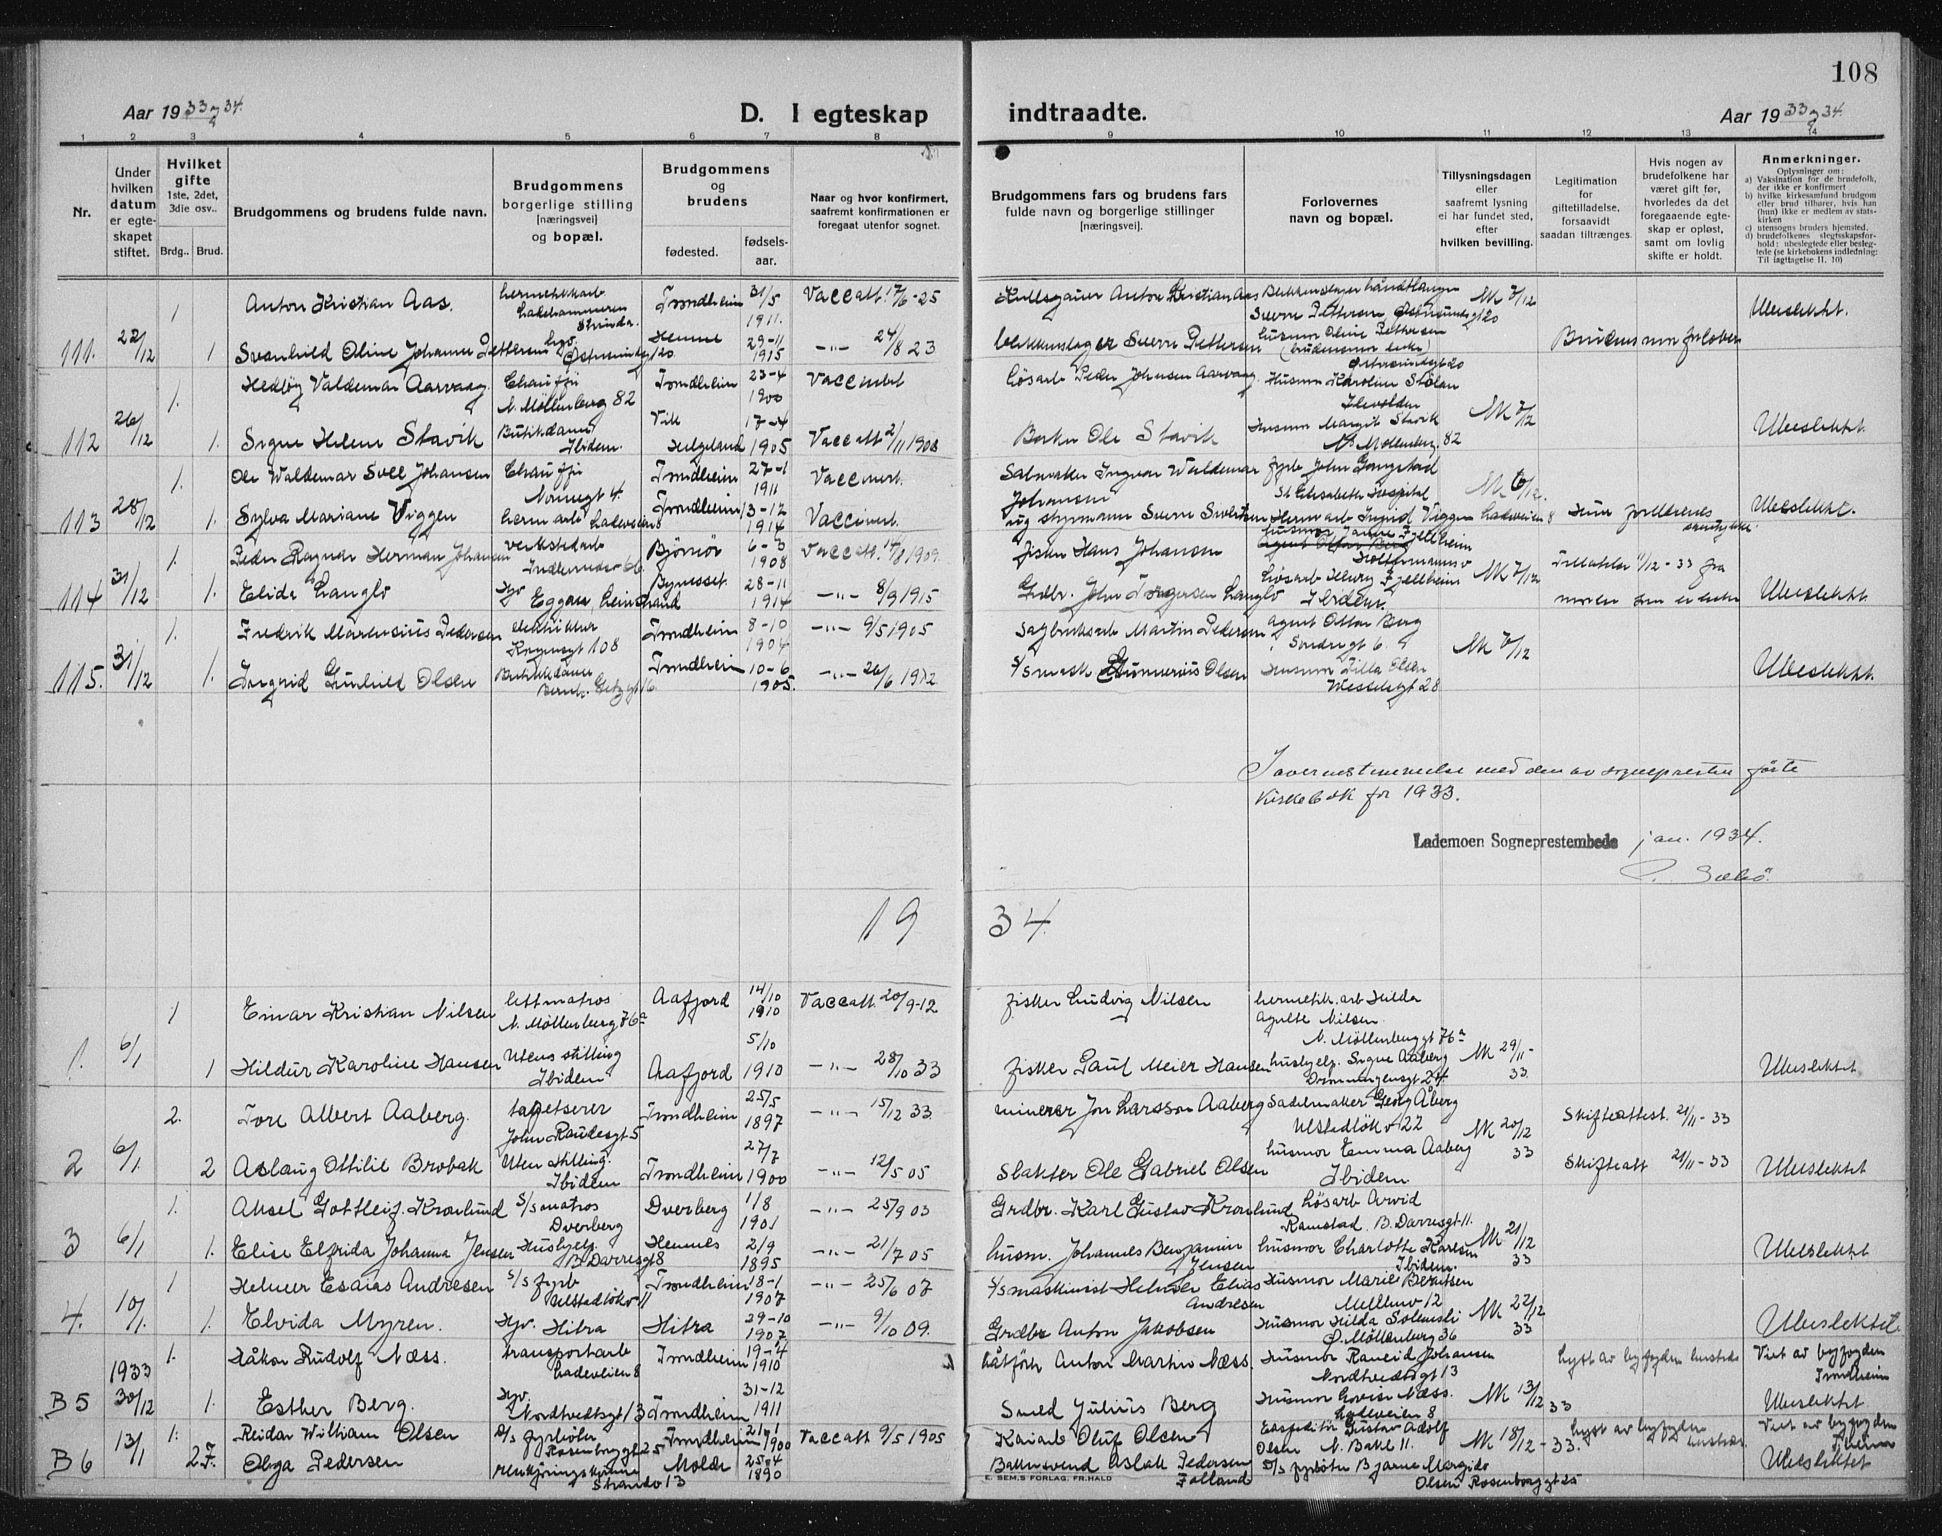 SAT, Ministerialprotokoller, klokkerbøker og fødselsregistre - Sør-Trøndelag, 605/L0260: Klokkerbok nr. 605C07, 1922-1942, s. 108